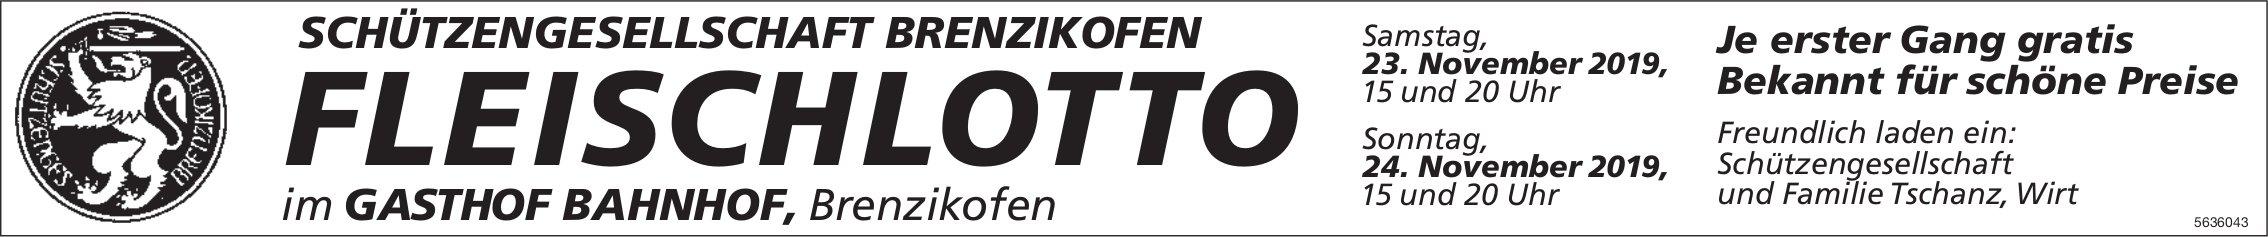 SCHÜTZENGESELLSCHAFT BRENZIKOFEN - FLEISCHLOTTO, 23. + 24. November